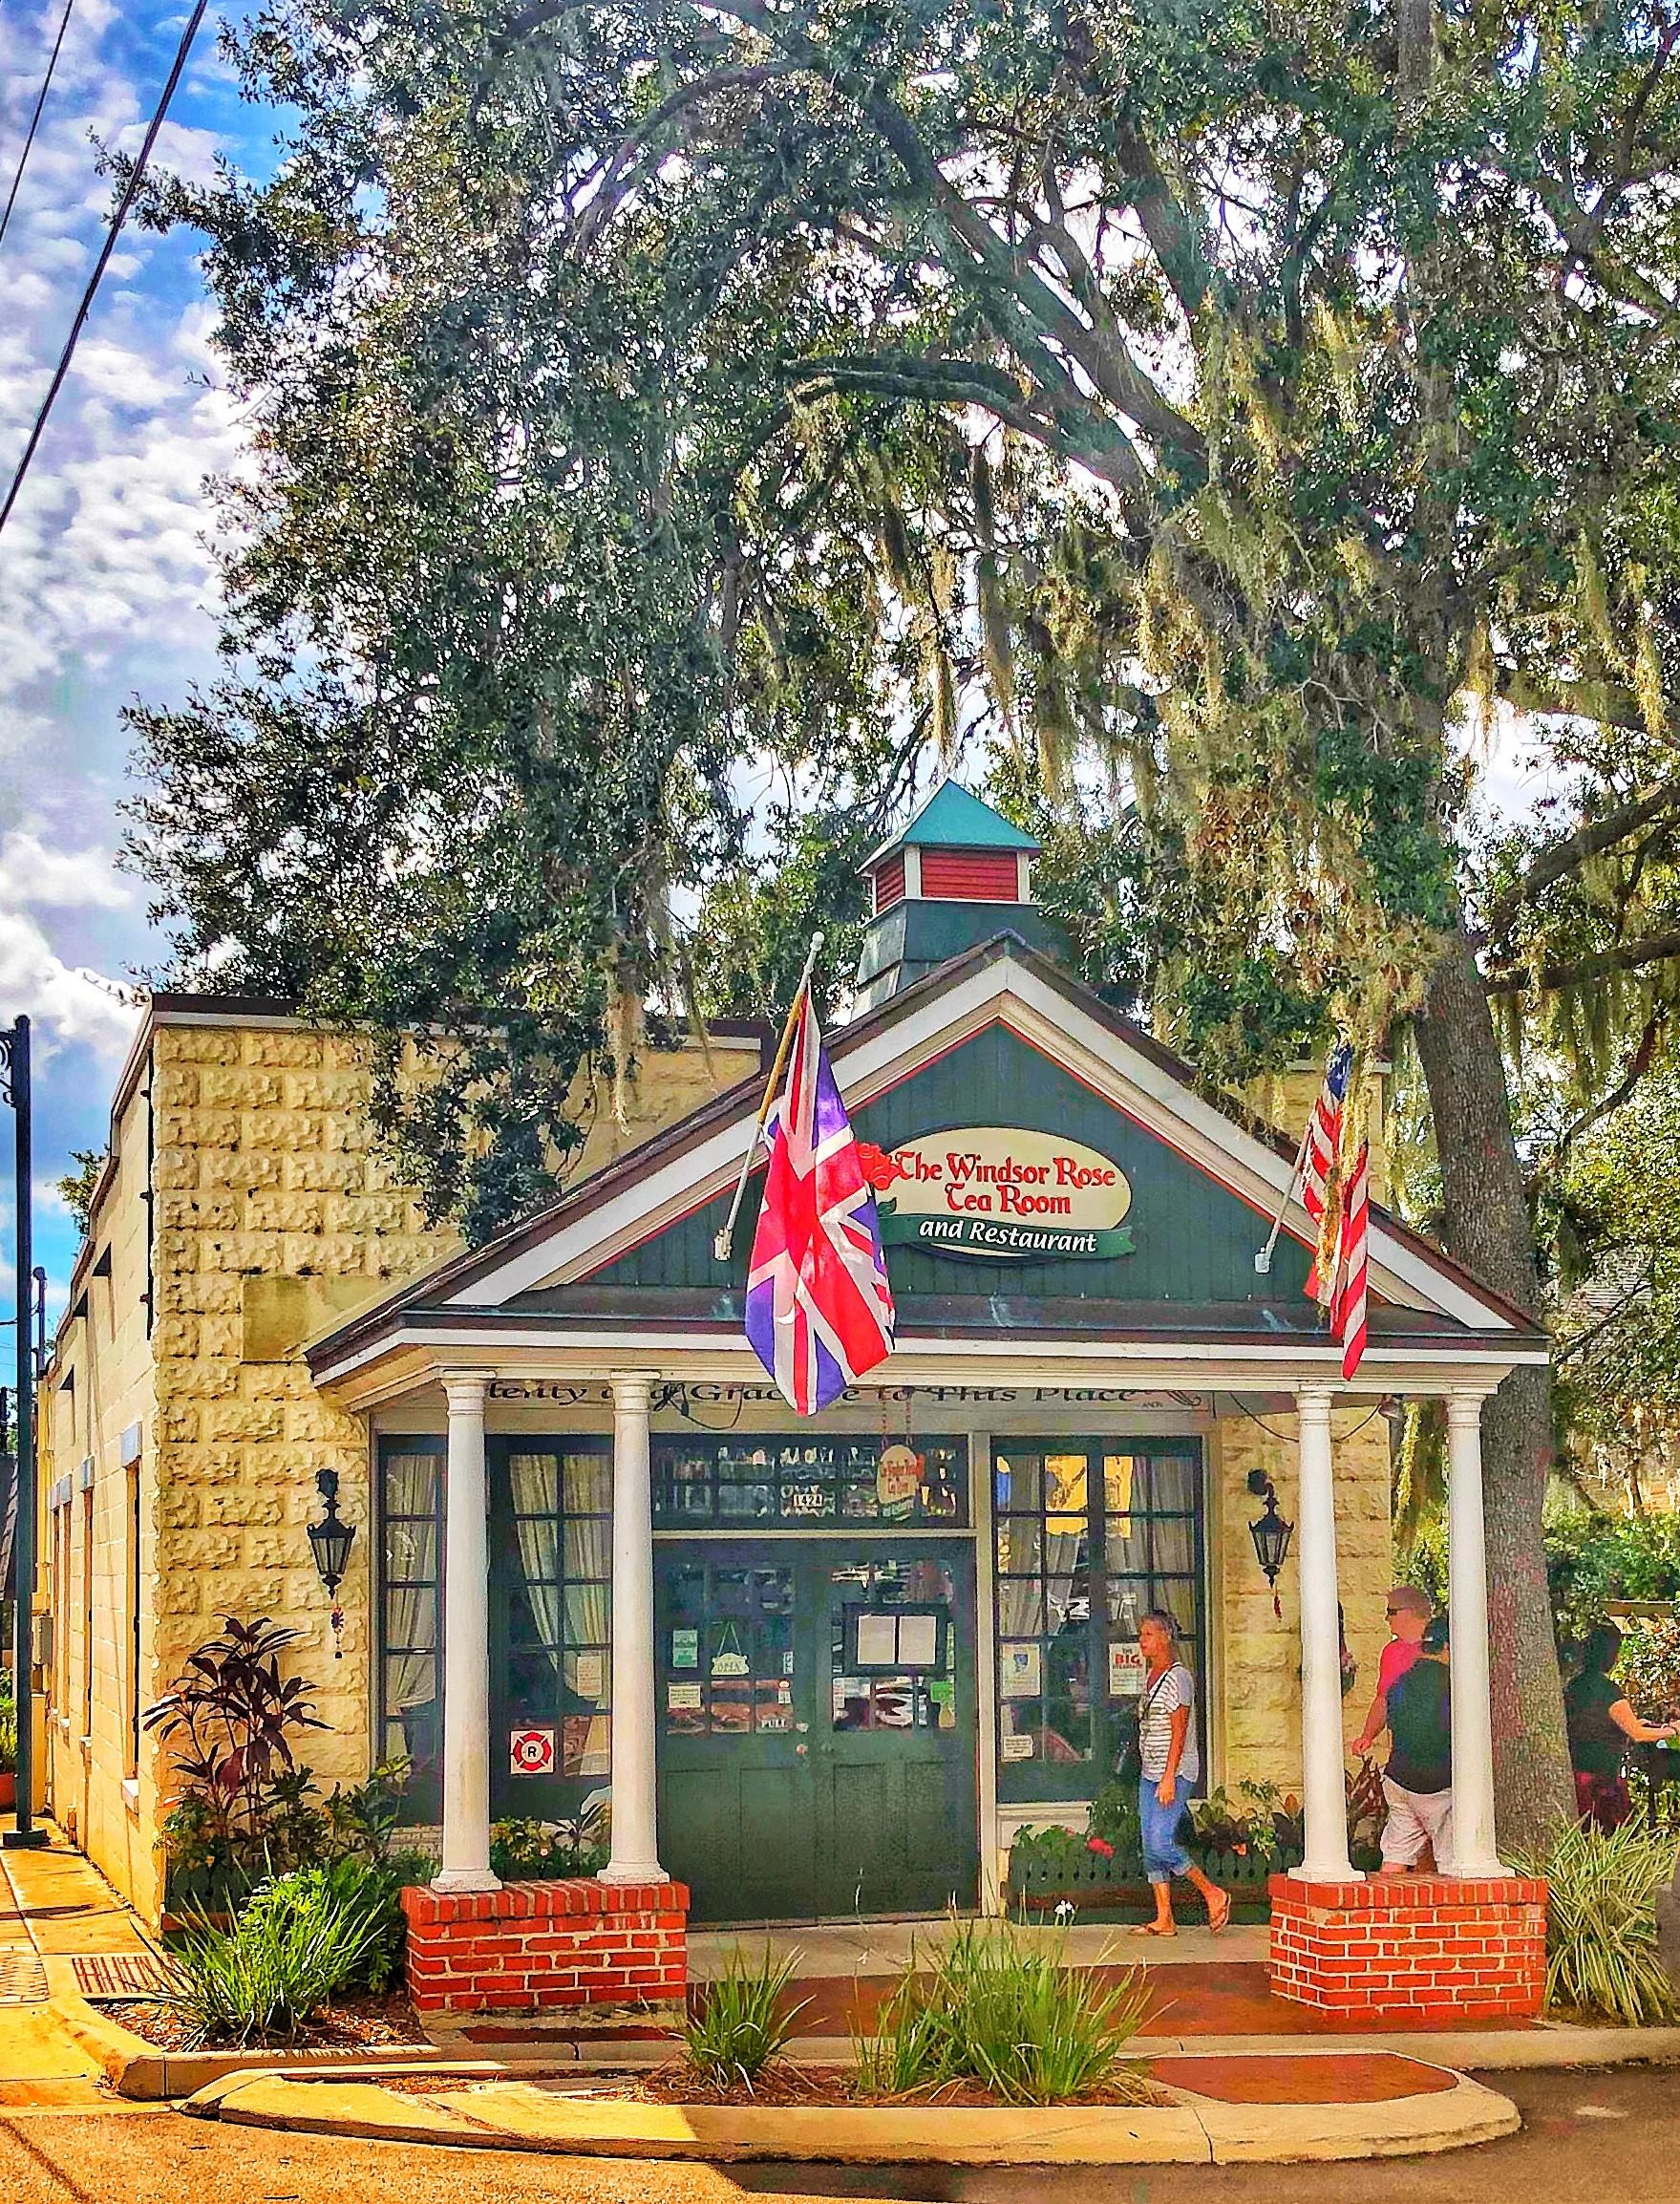 The Windsor Rose Tea Room & Restaurant (4).JPG